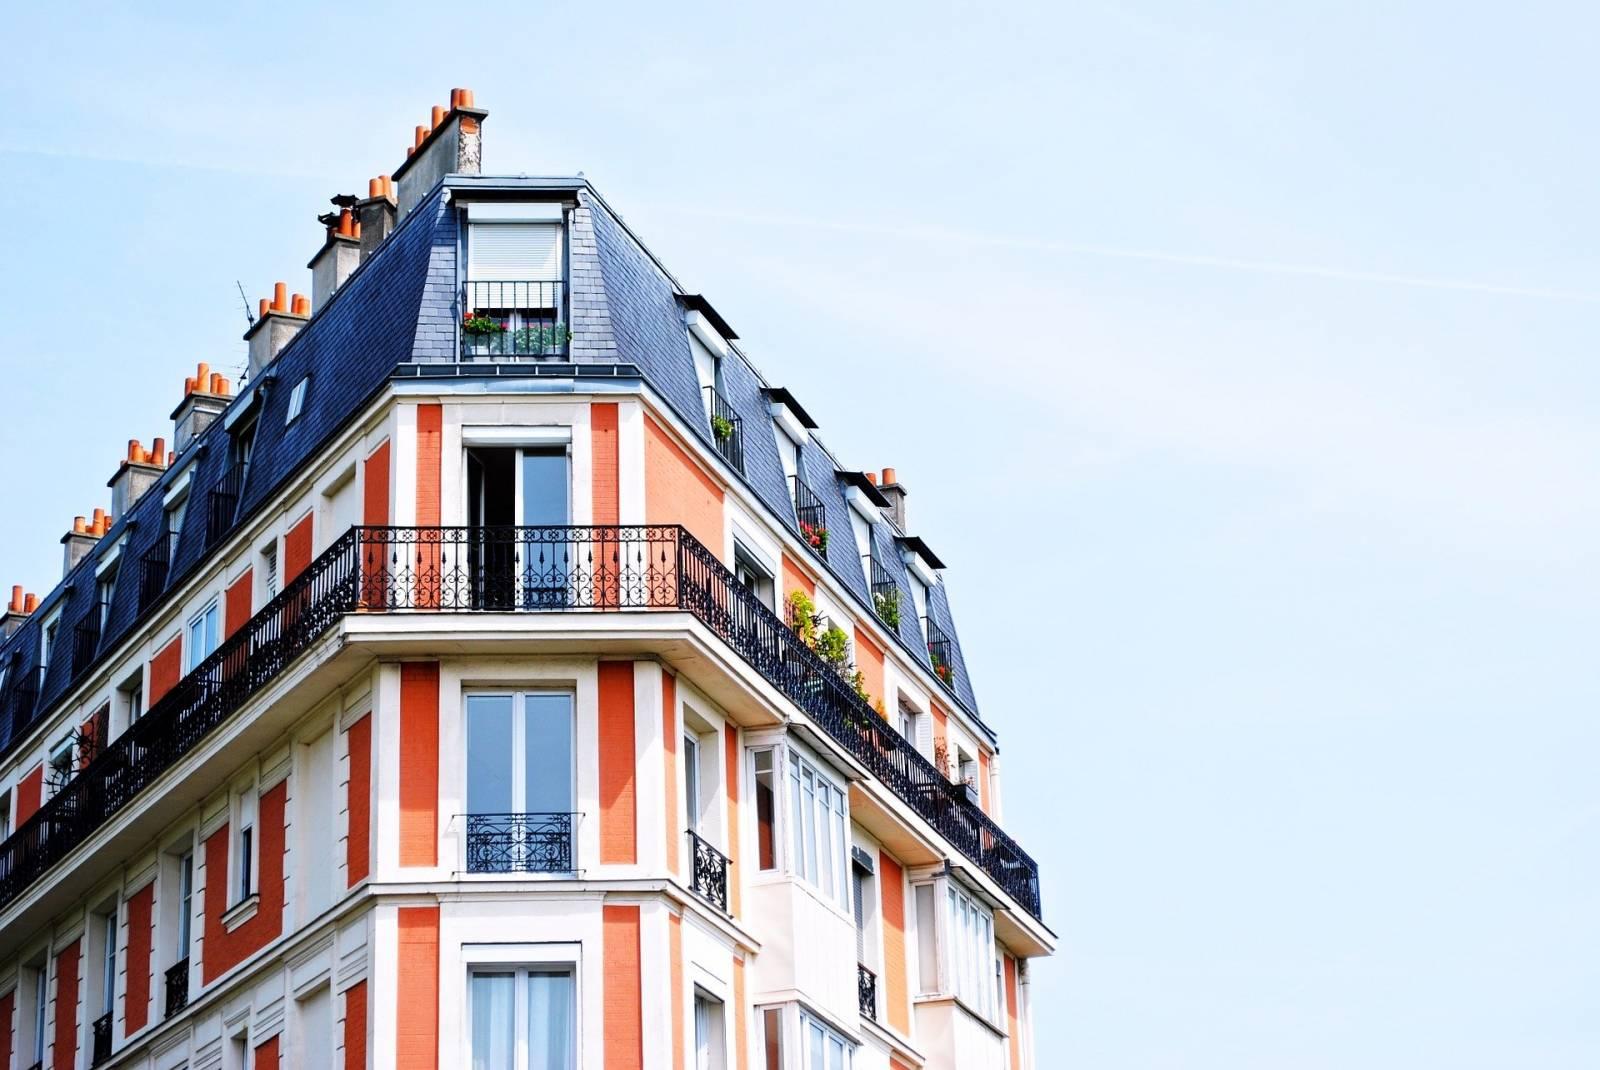 cherche meilleur assurance habitation pour appartement à Rouen